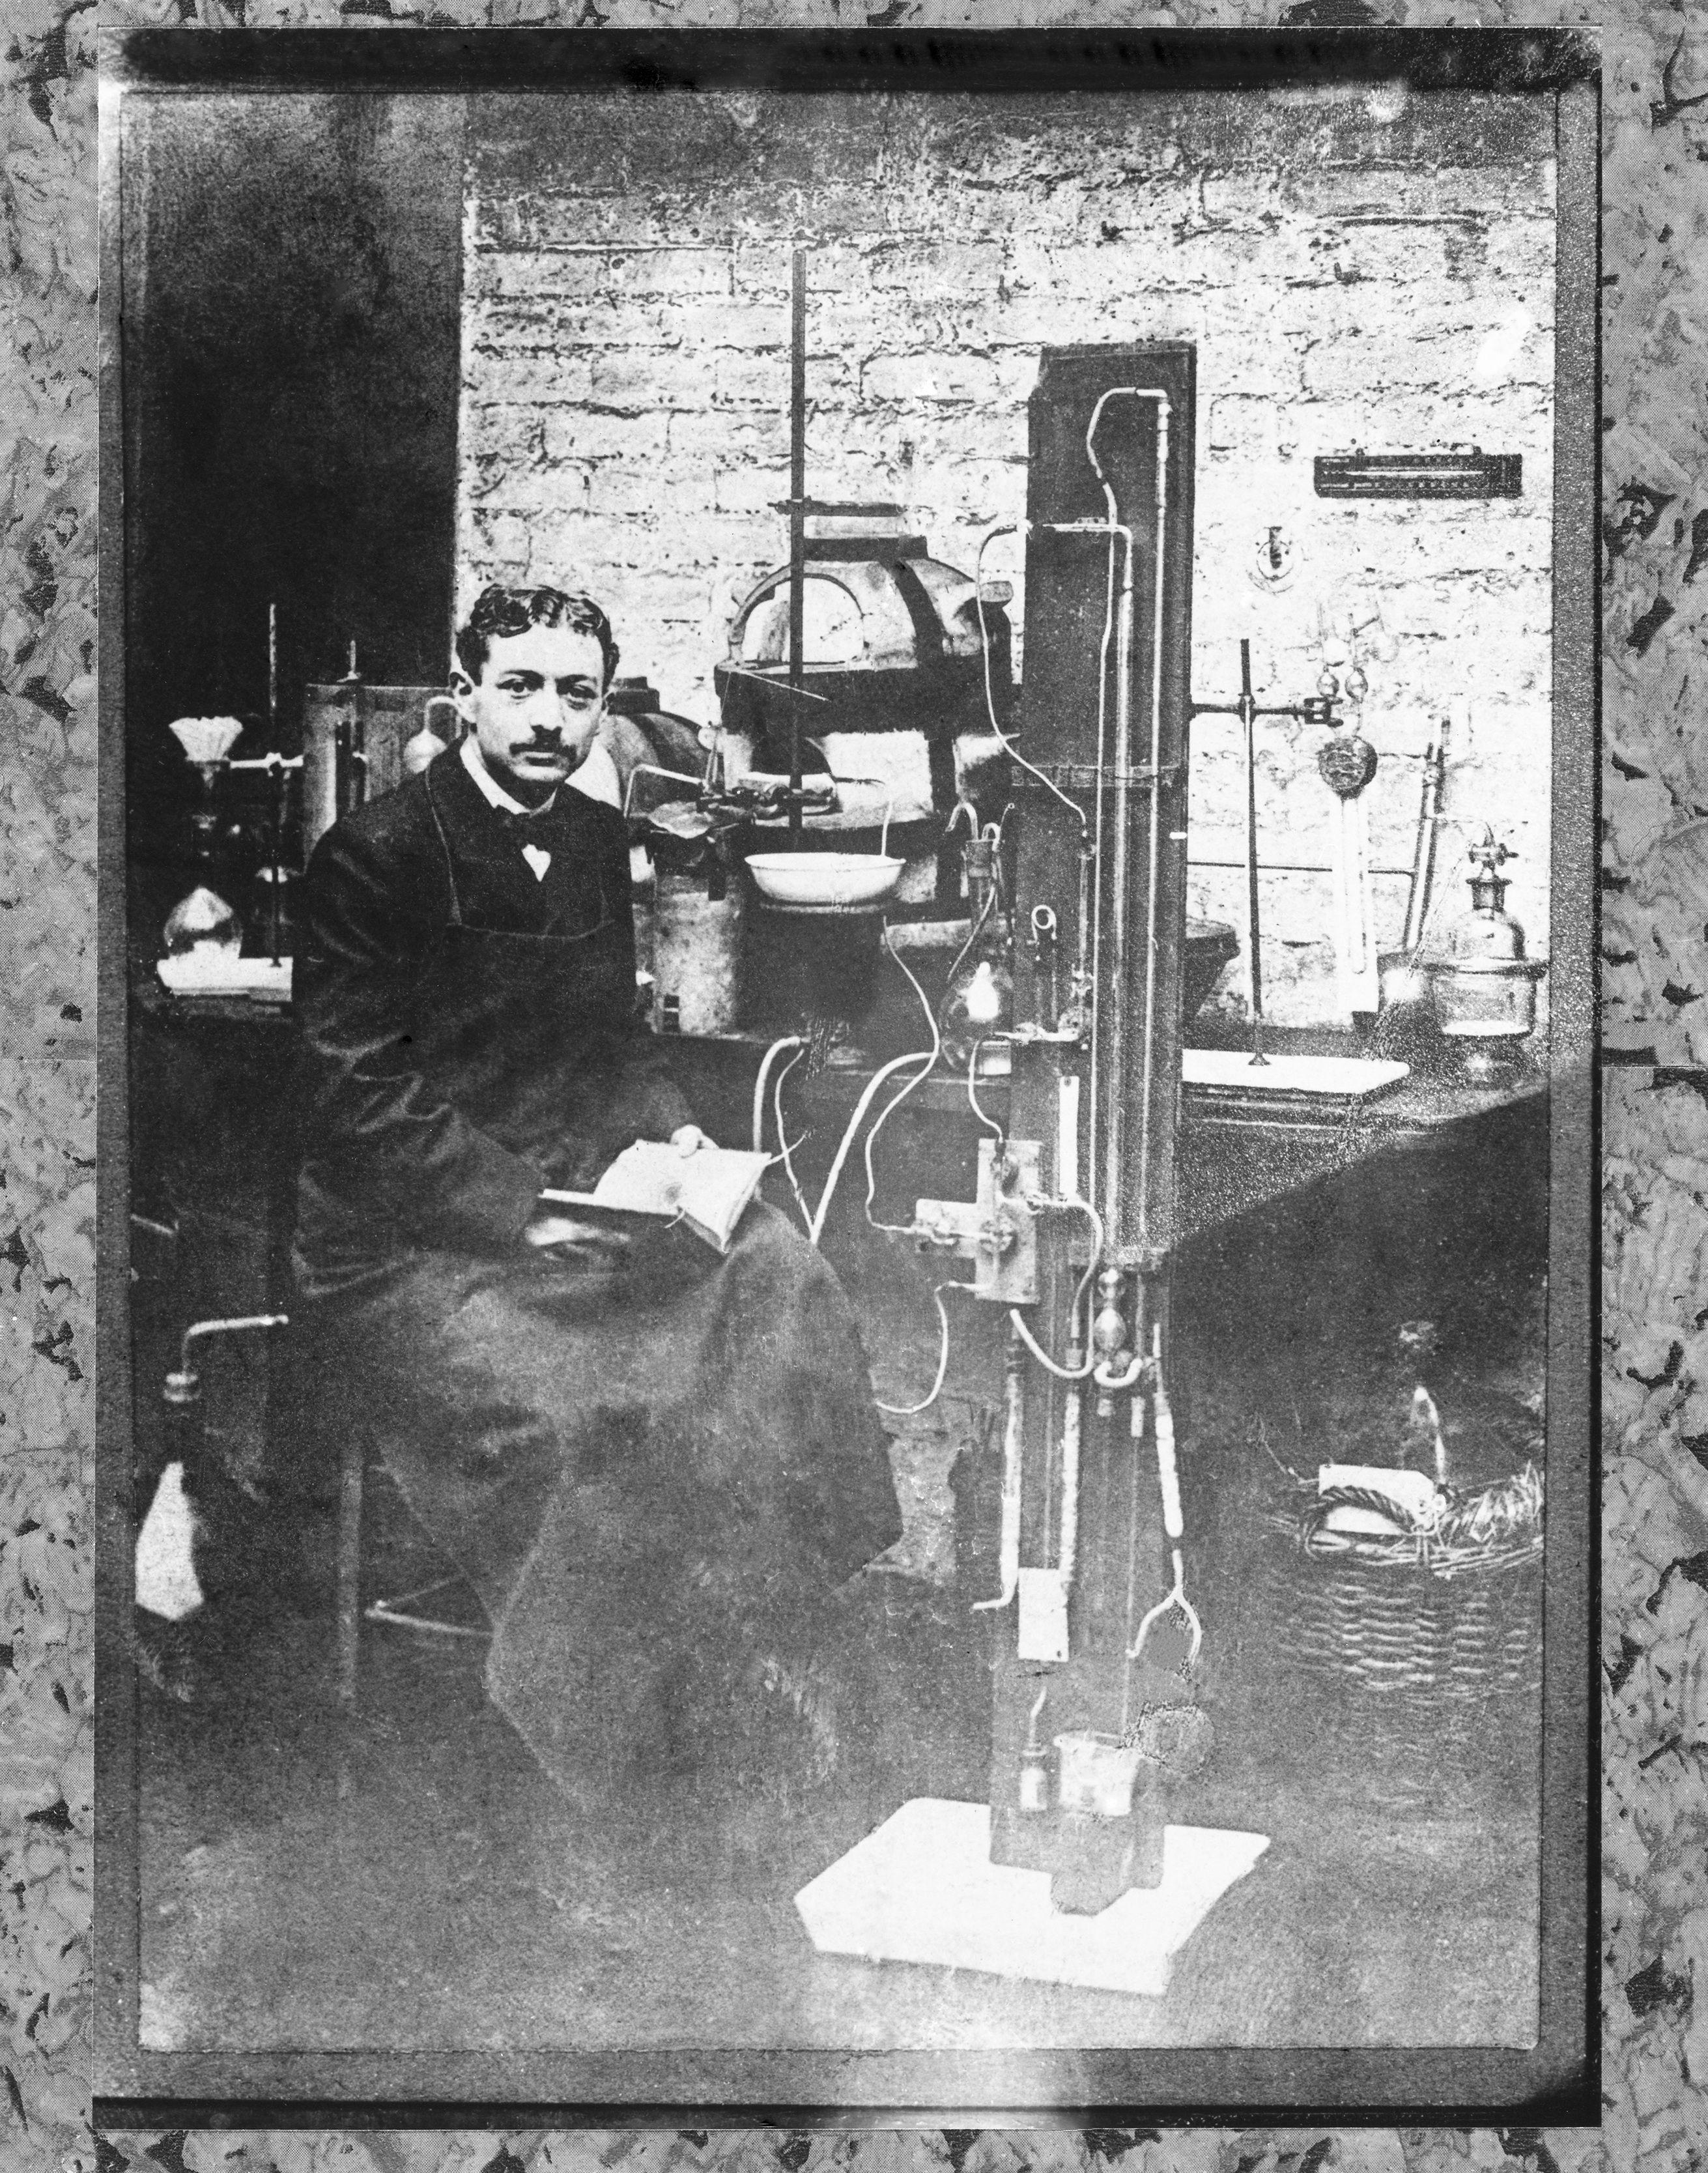 dipl m de l 39 ecole nationale sup rieure de chimie de paris en 1904 eug ne schueller fonde la. Black Bedroom Furniture Sets. Home Design Ideas